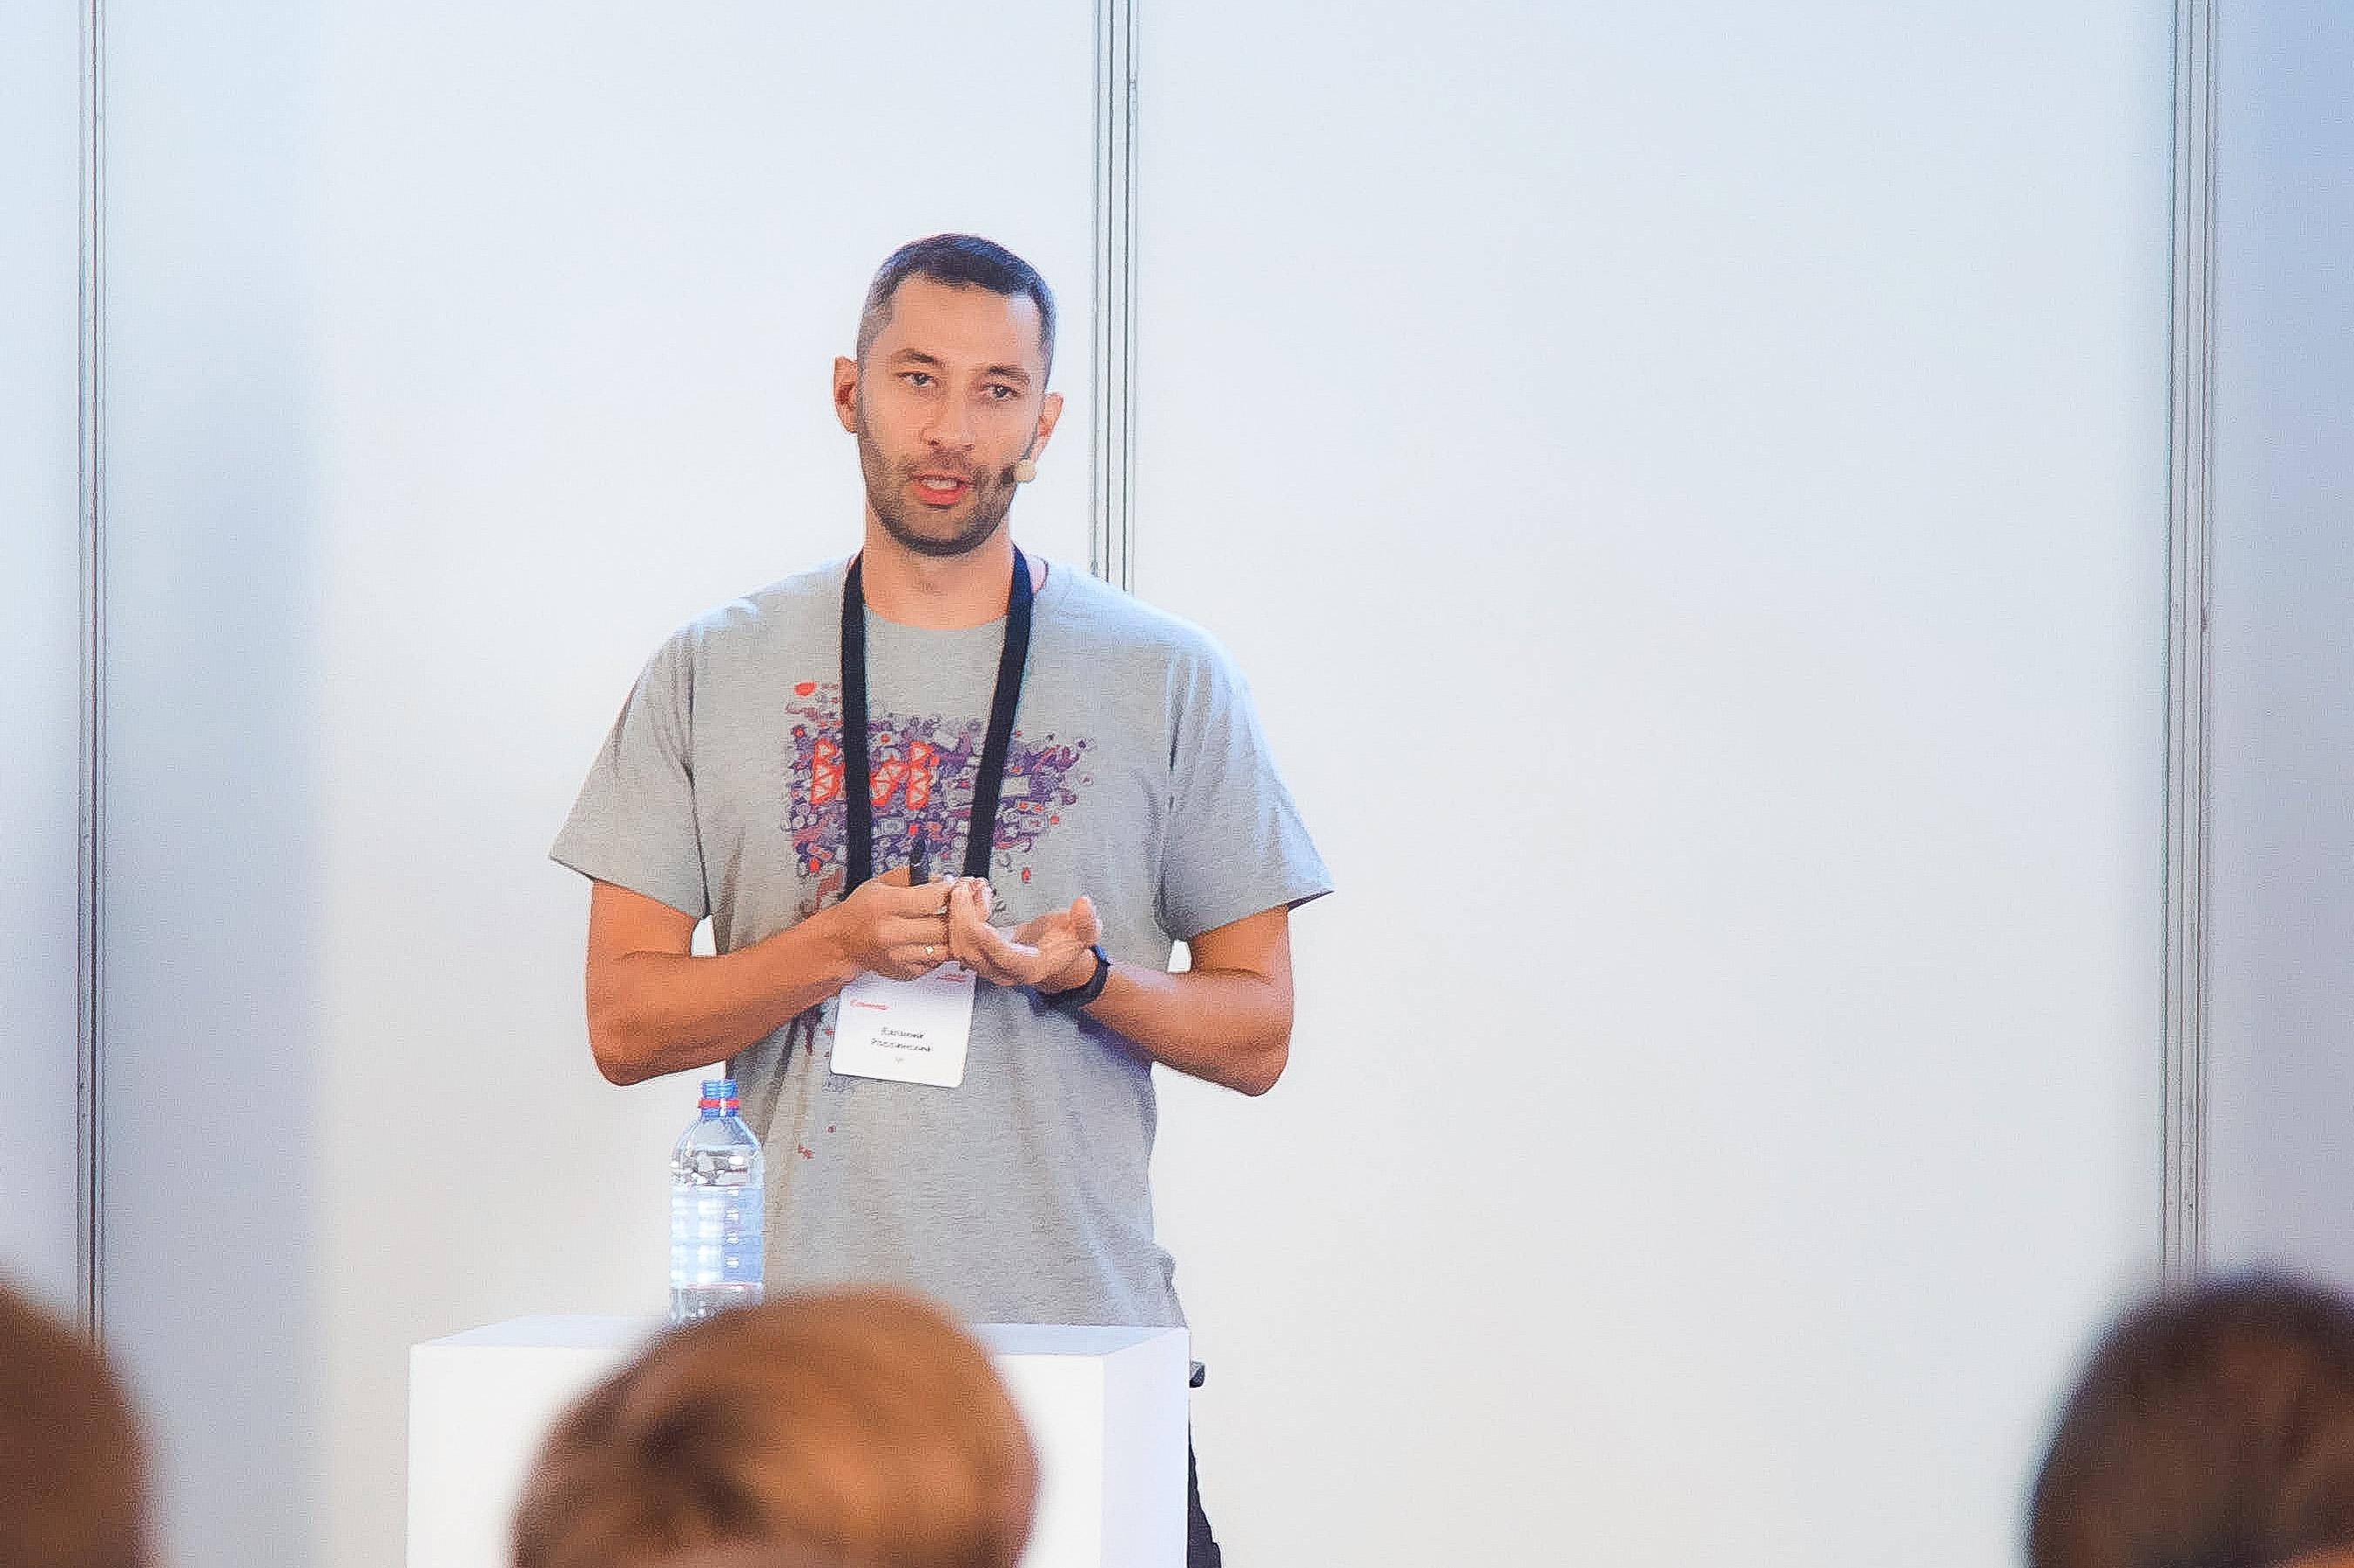 Горизонтальный vs. вертикальный рост разработчика. Мнения из ivi и Яндекса